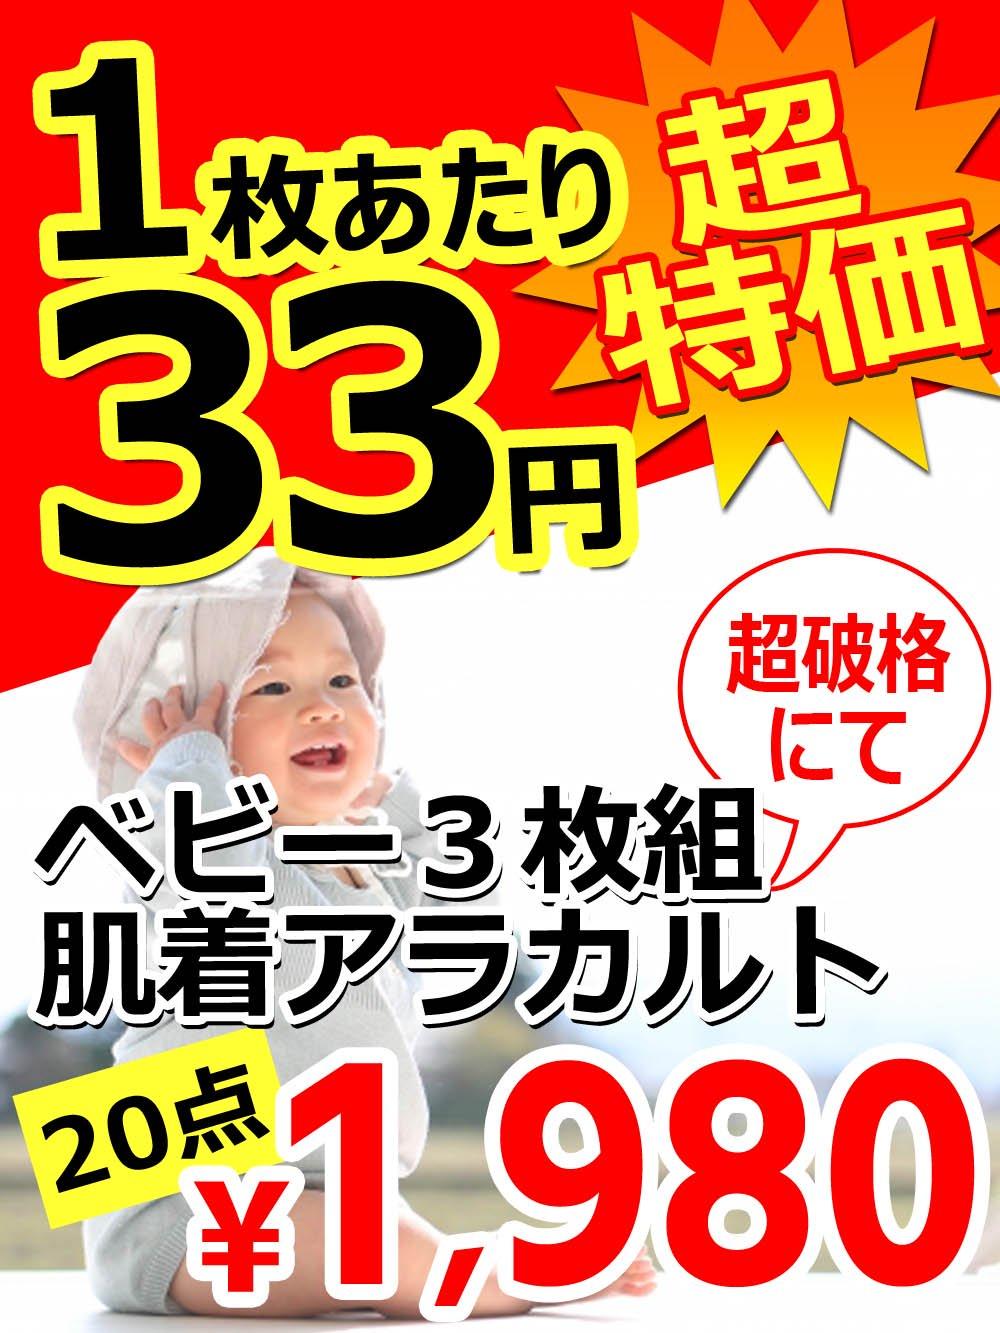 【超特価1枚33円!】超破格にてベビー3枚組肌着アラカルト!20点【1980円】